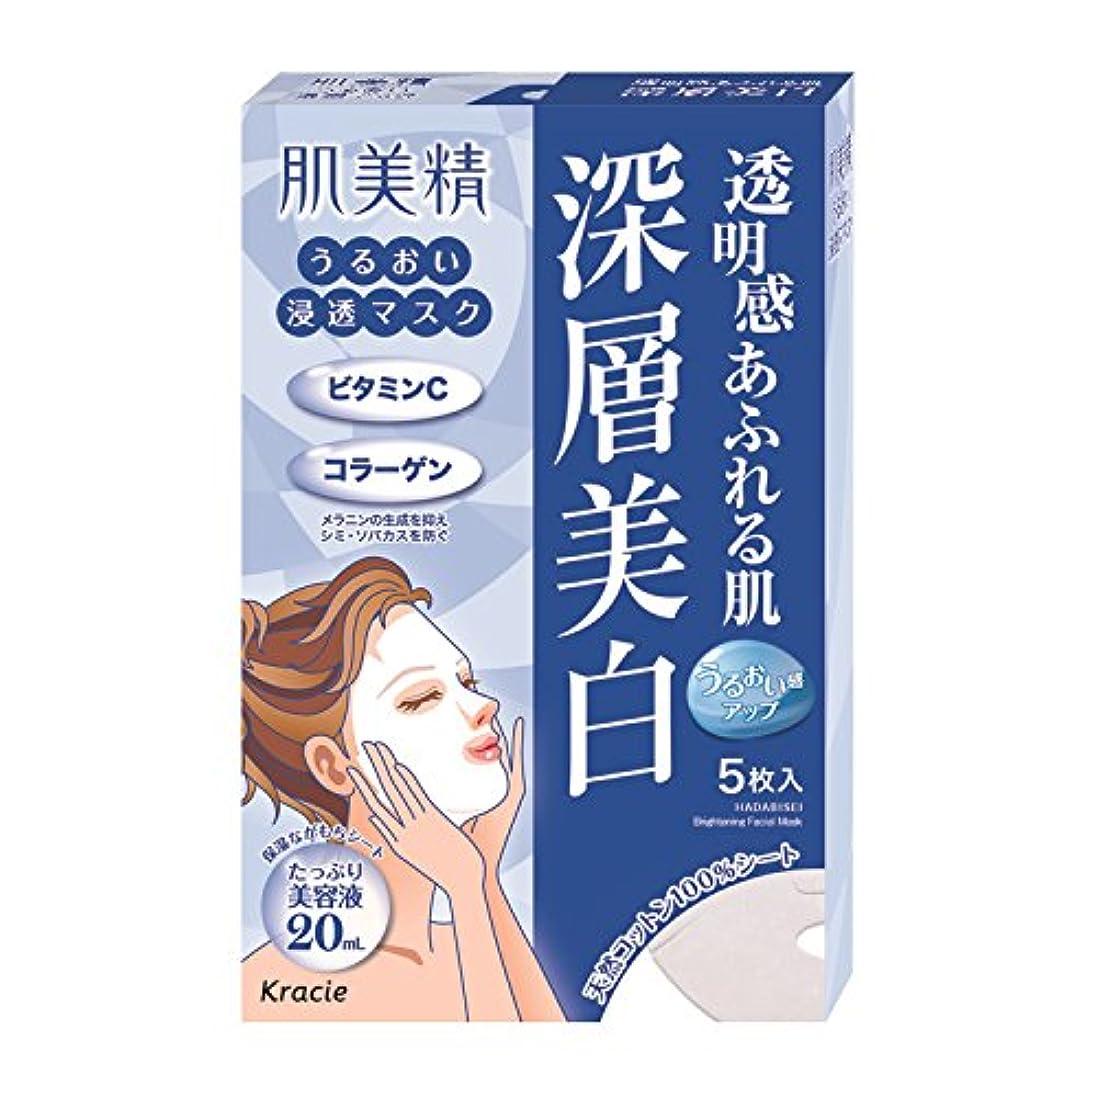 カバー厄介な平らにする肌美精 うるおい浸透マスク (深層美白) 5枚 [医薬部外品]